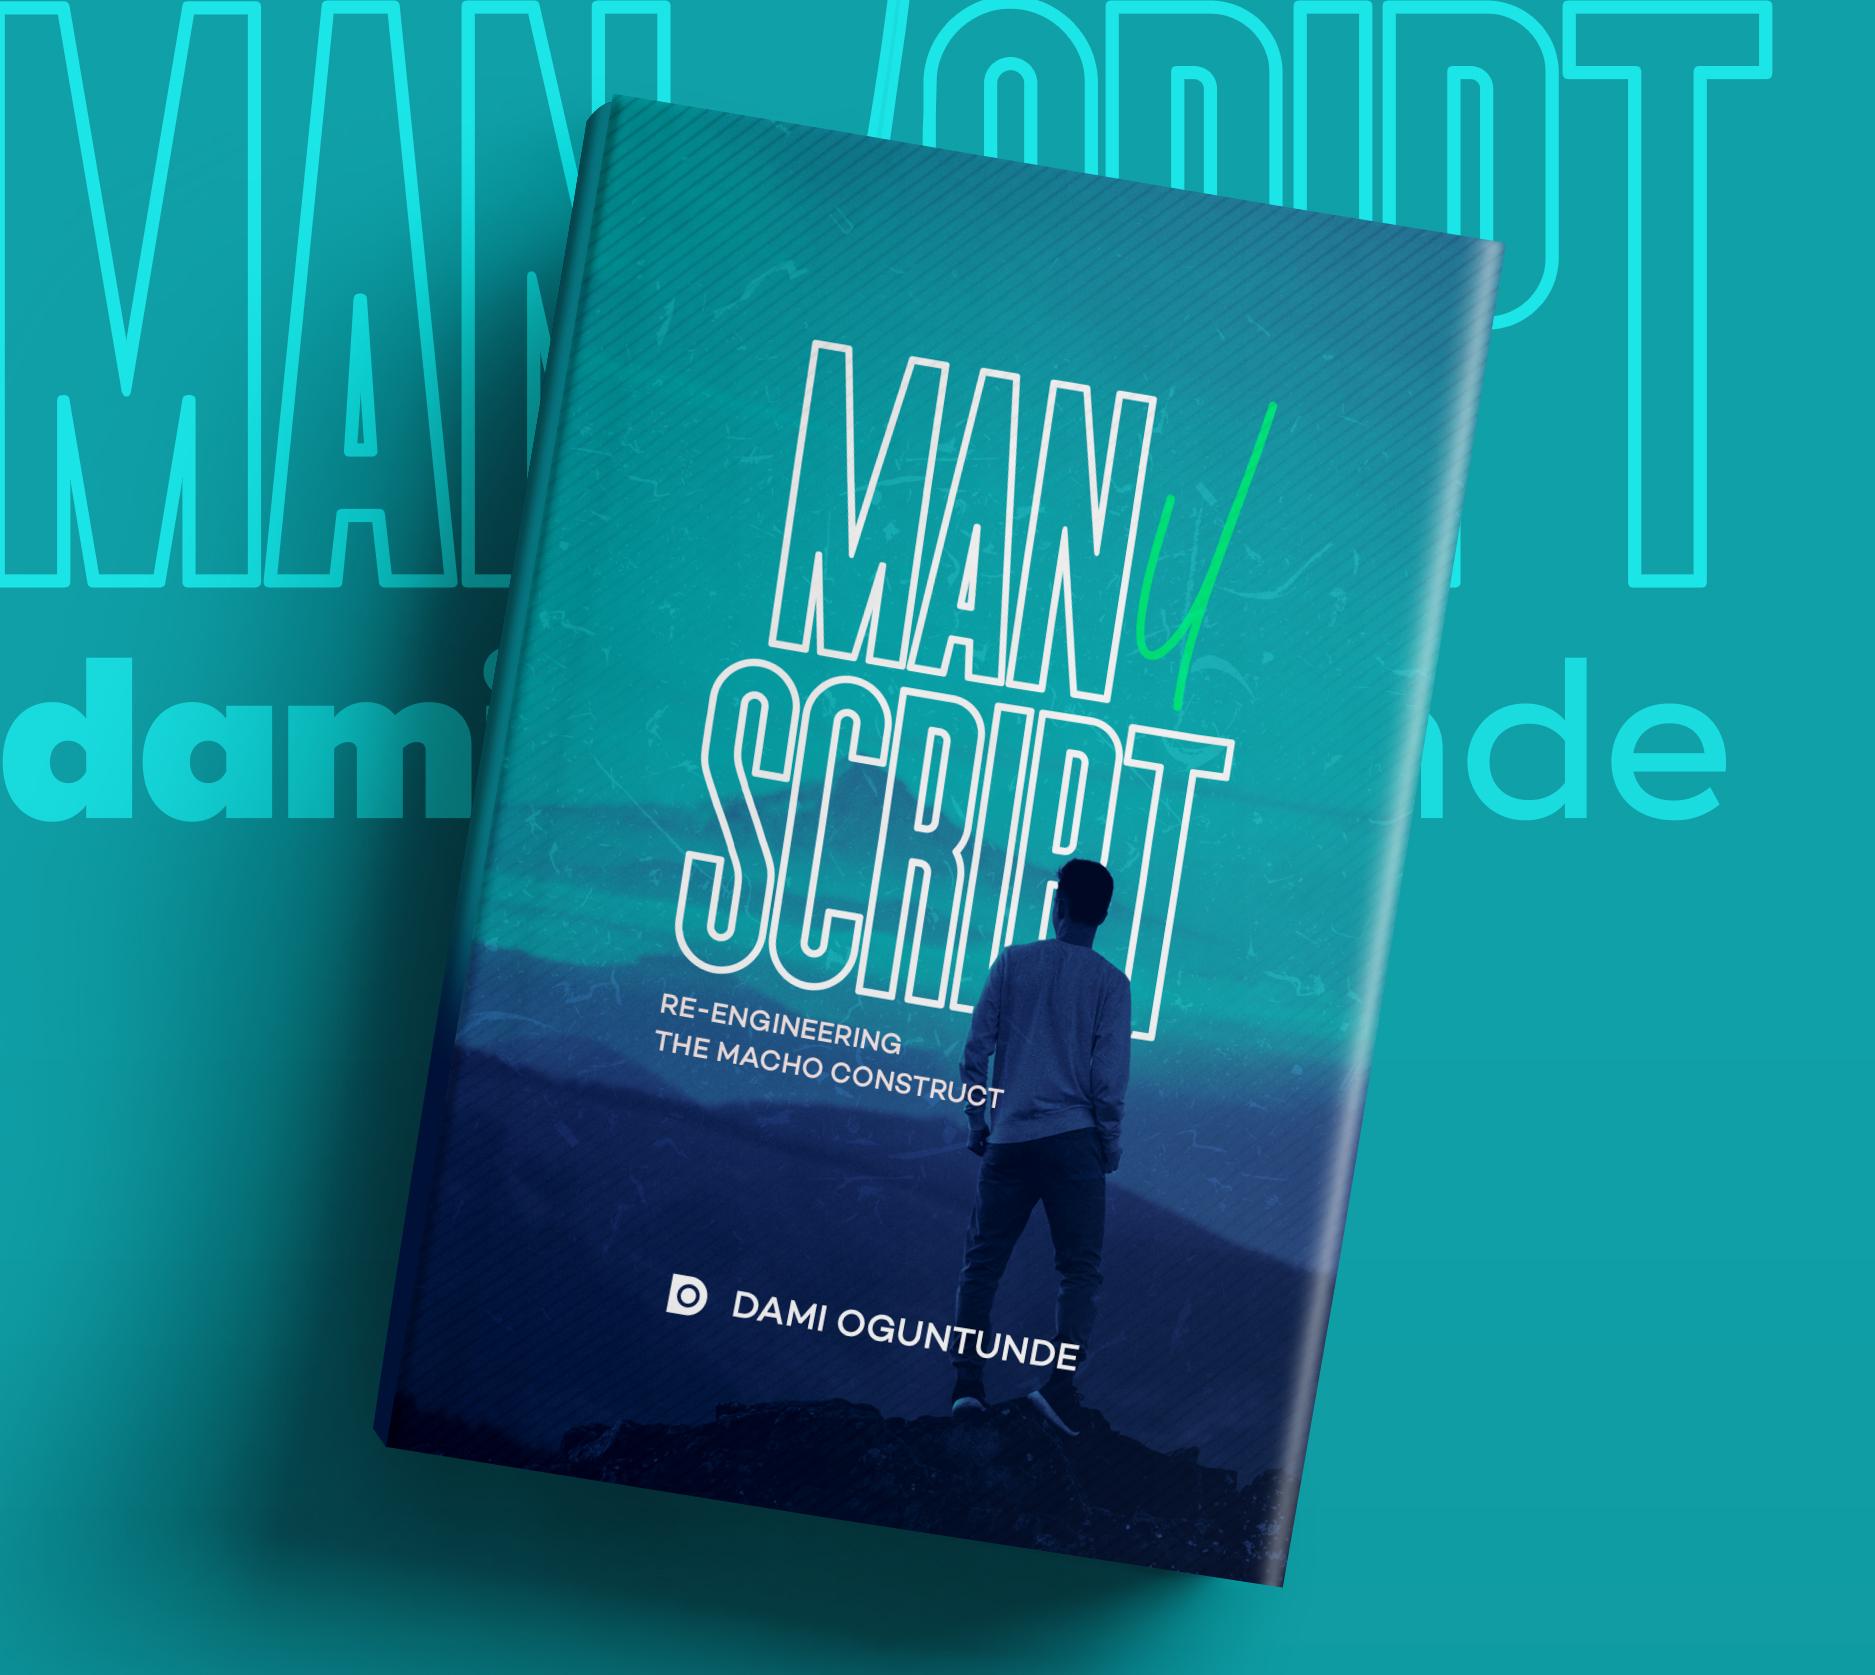 MANuSCRIPT - Dami Oguntunde